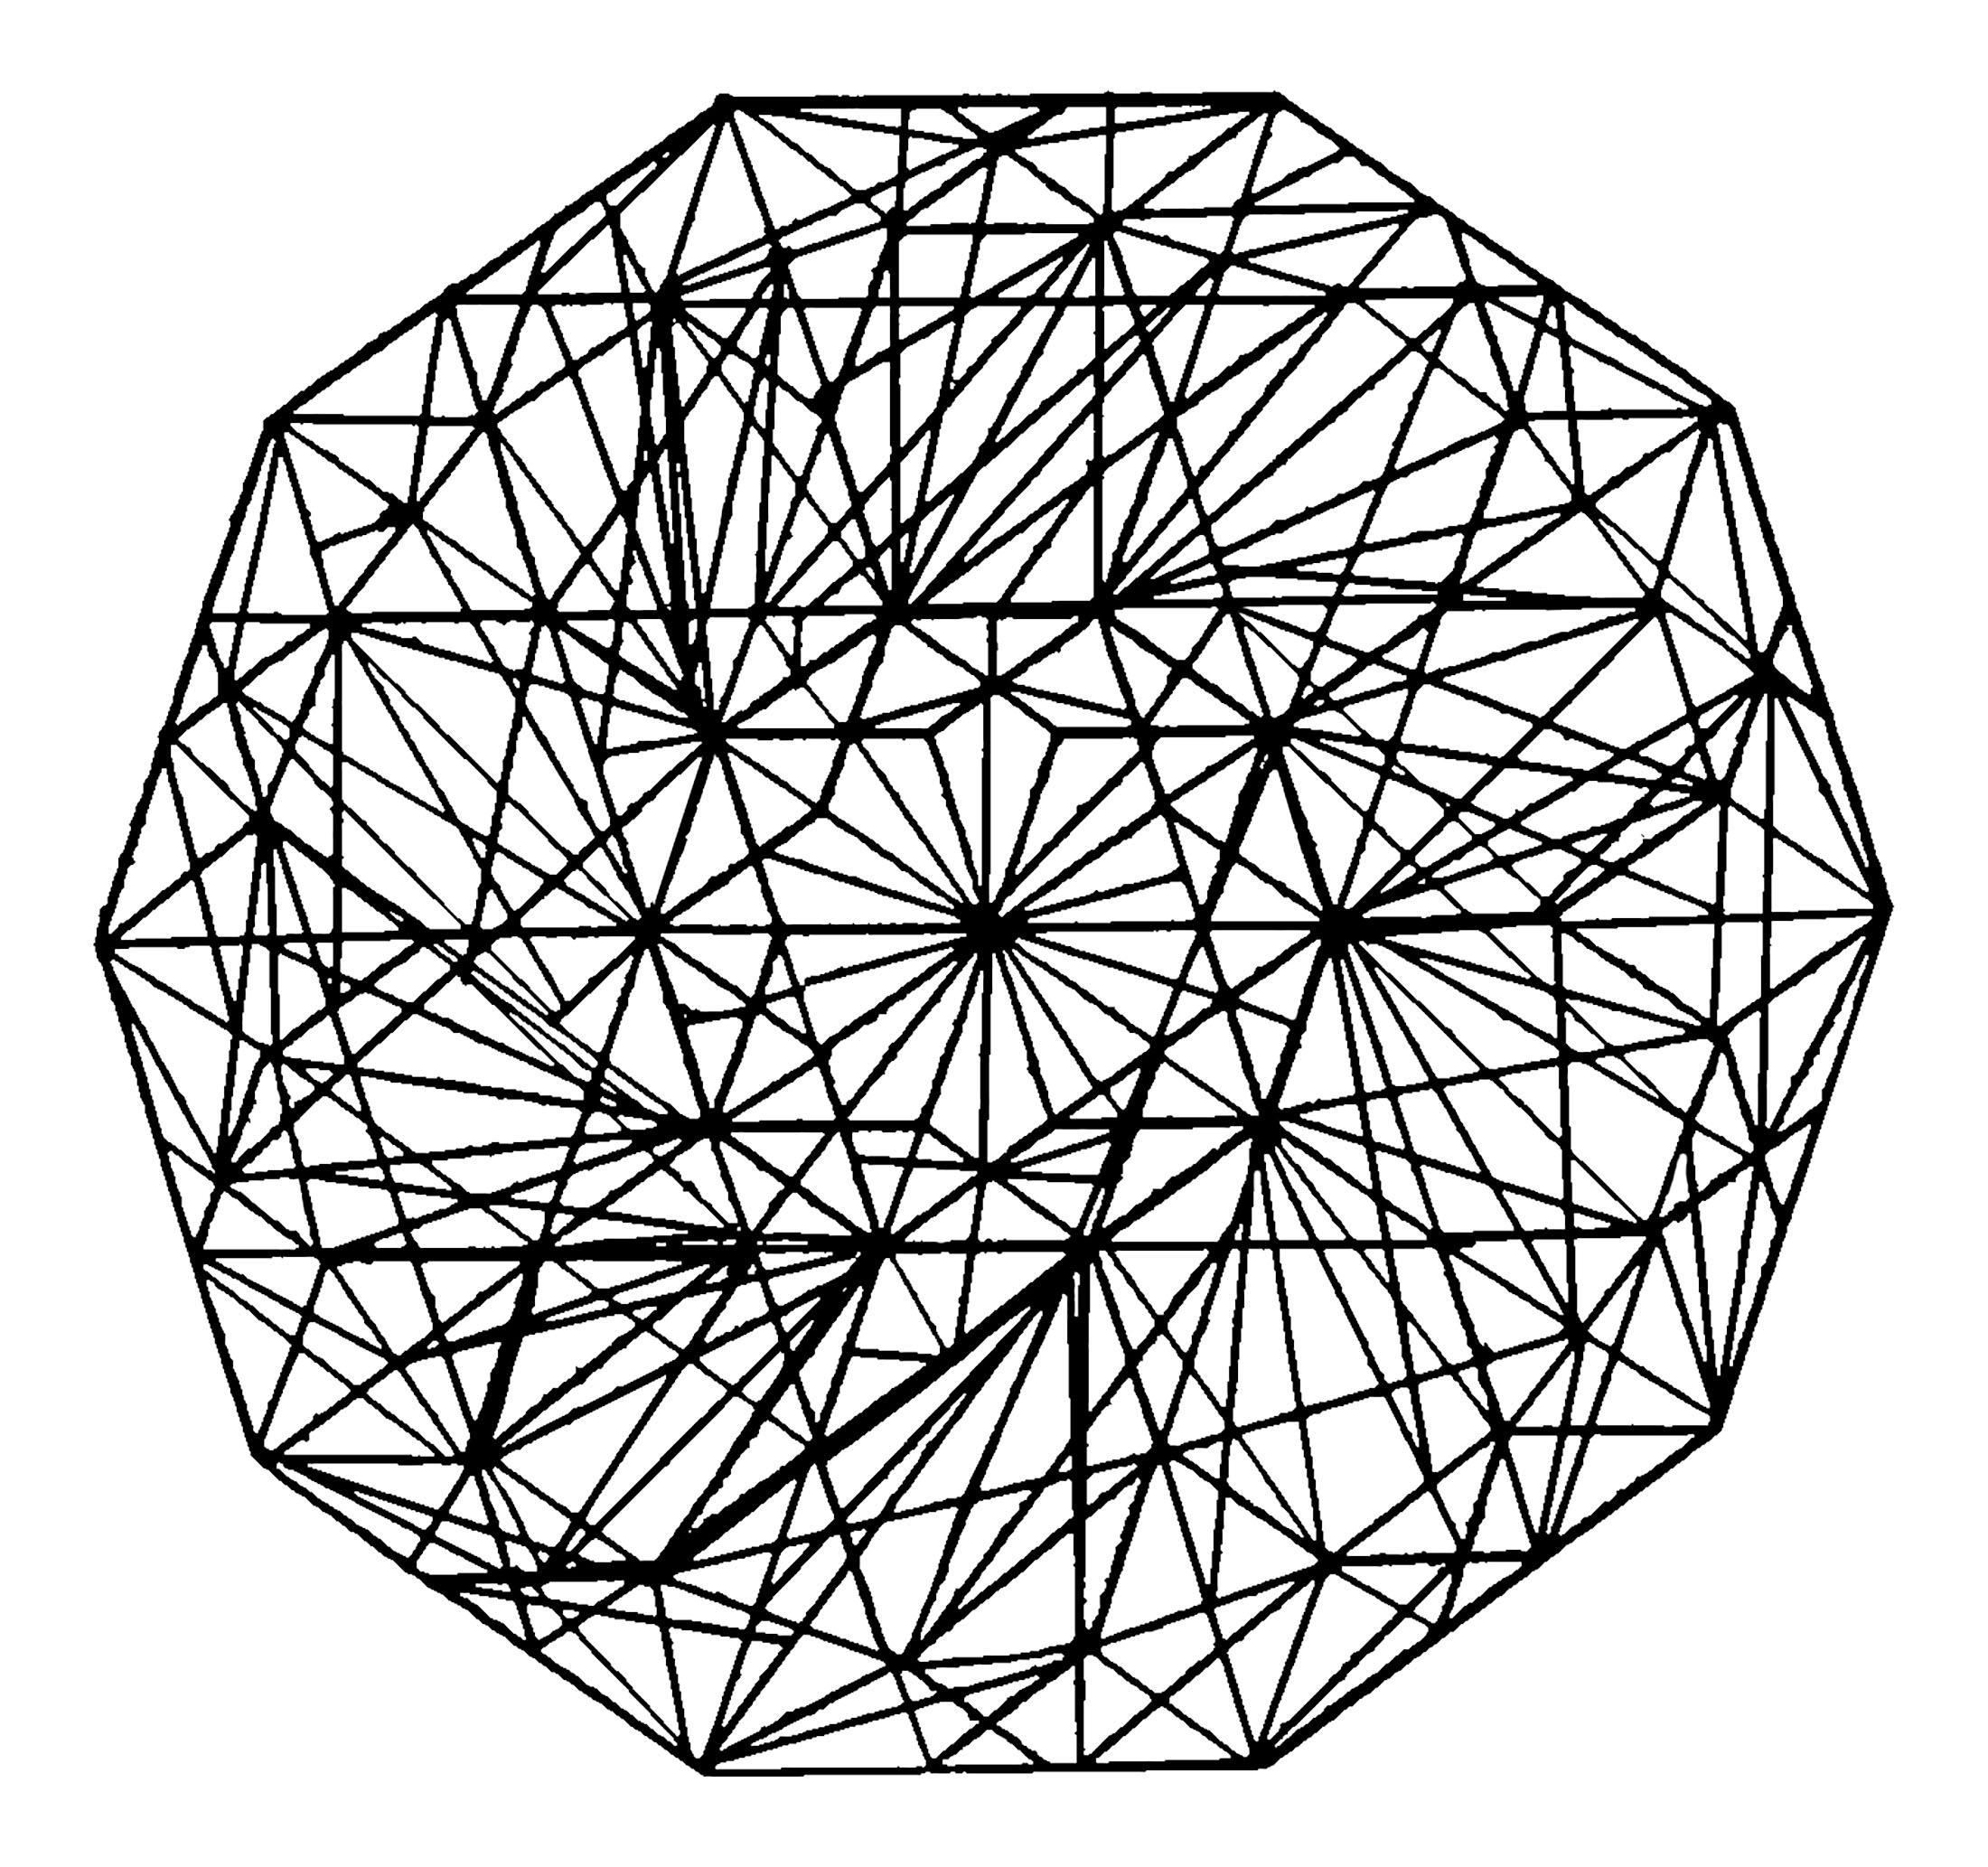 Lignes épaisses constituant un Mandala